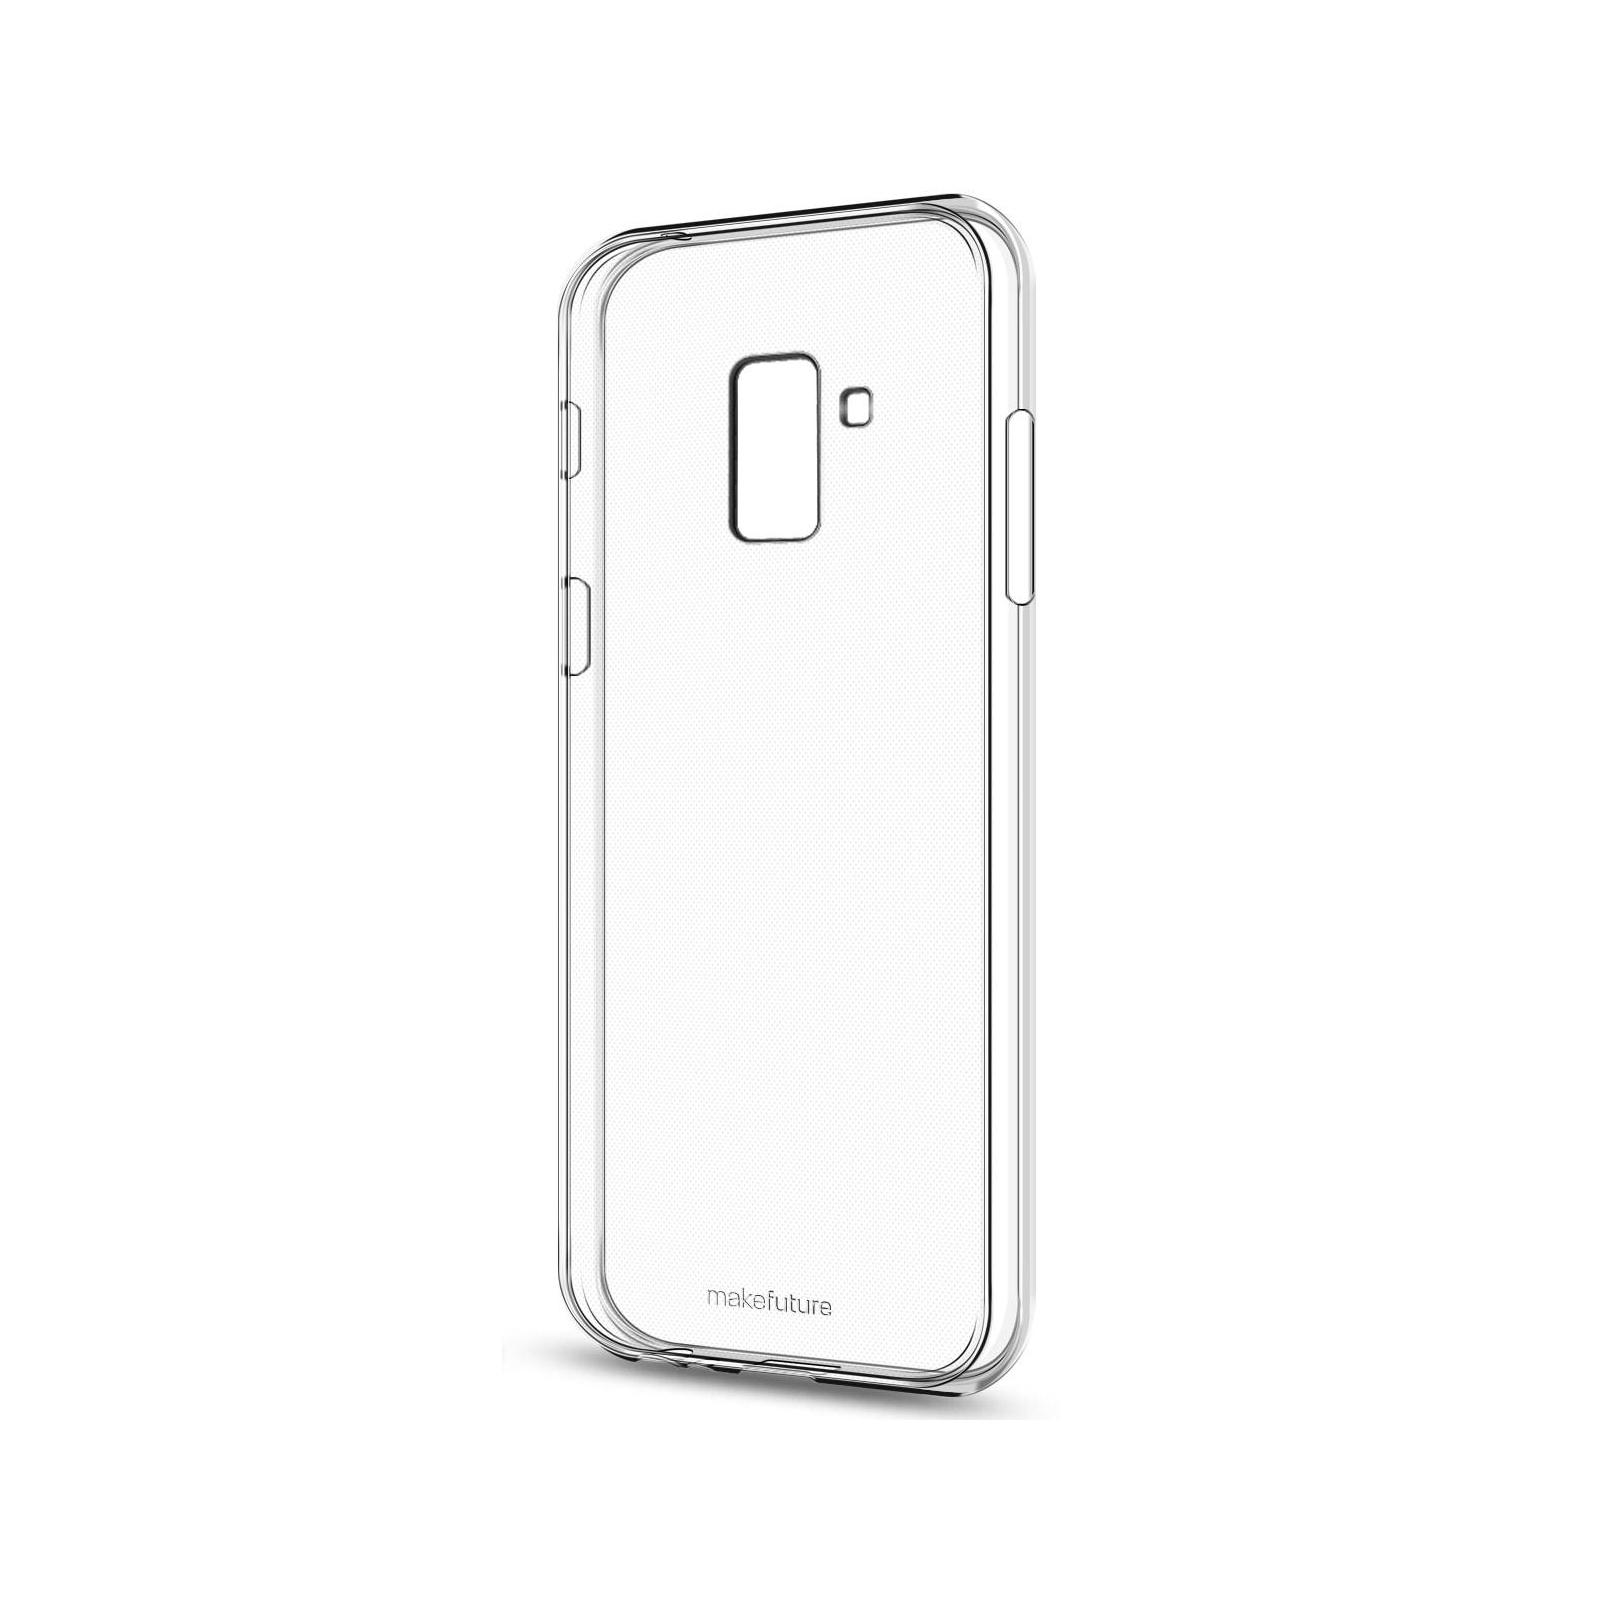 Чехол для моб. телефона MakeFuture Air Case (Clear TPU) Samsung A8 2018 (MCA-SA818)